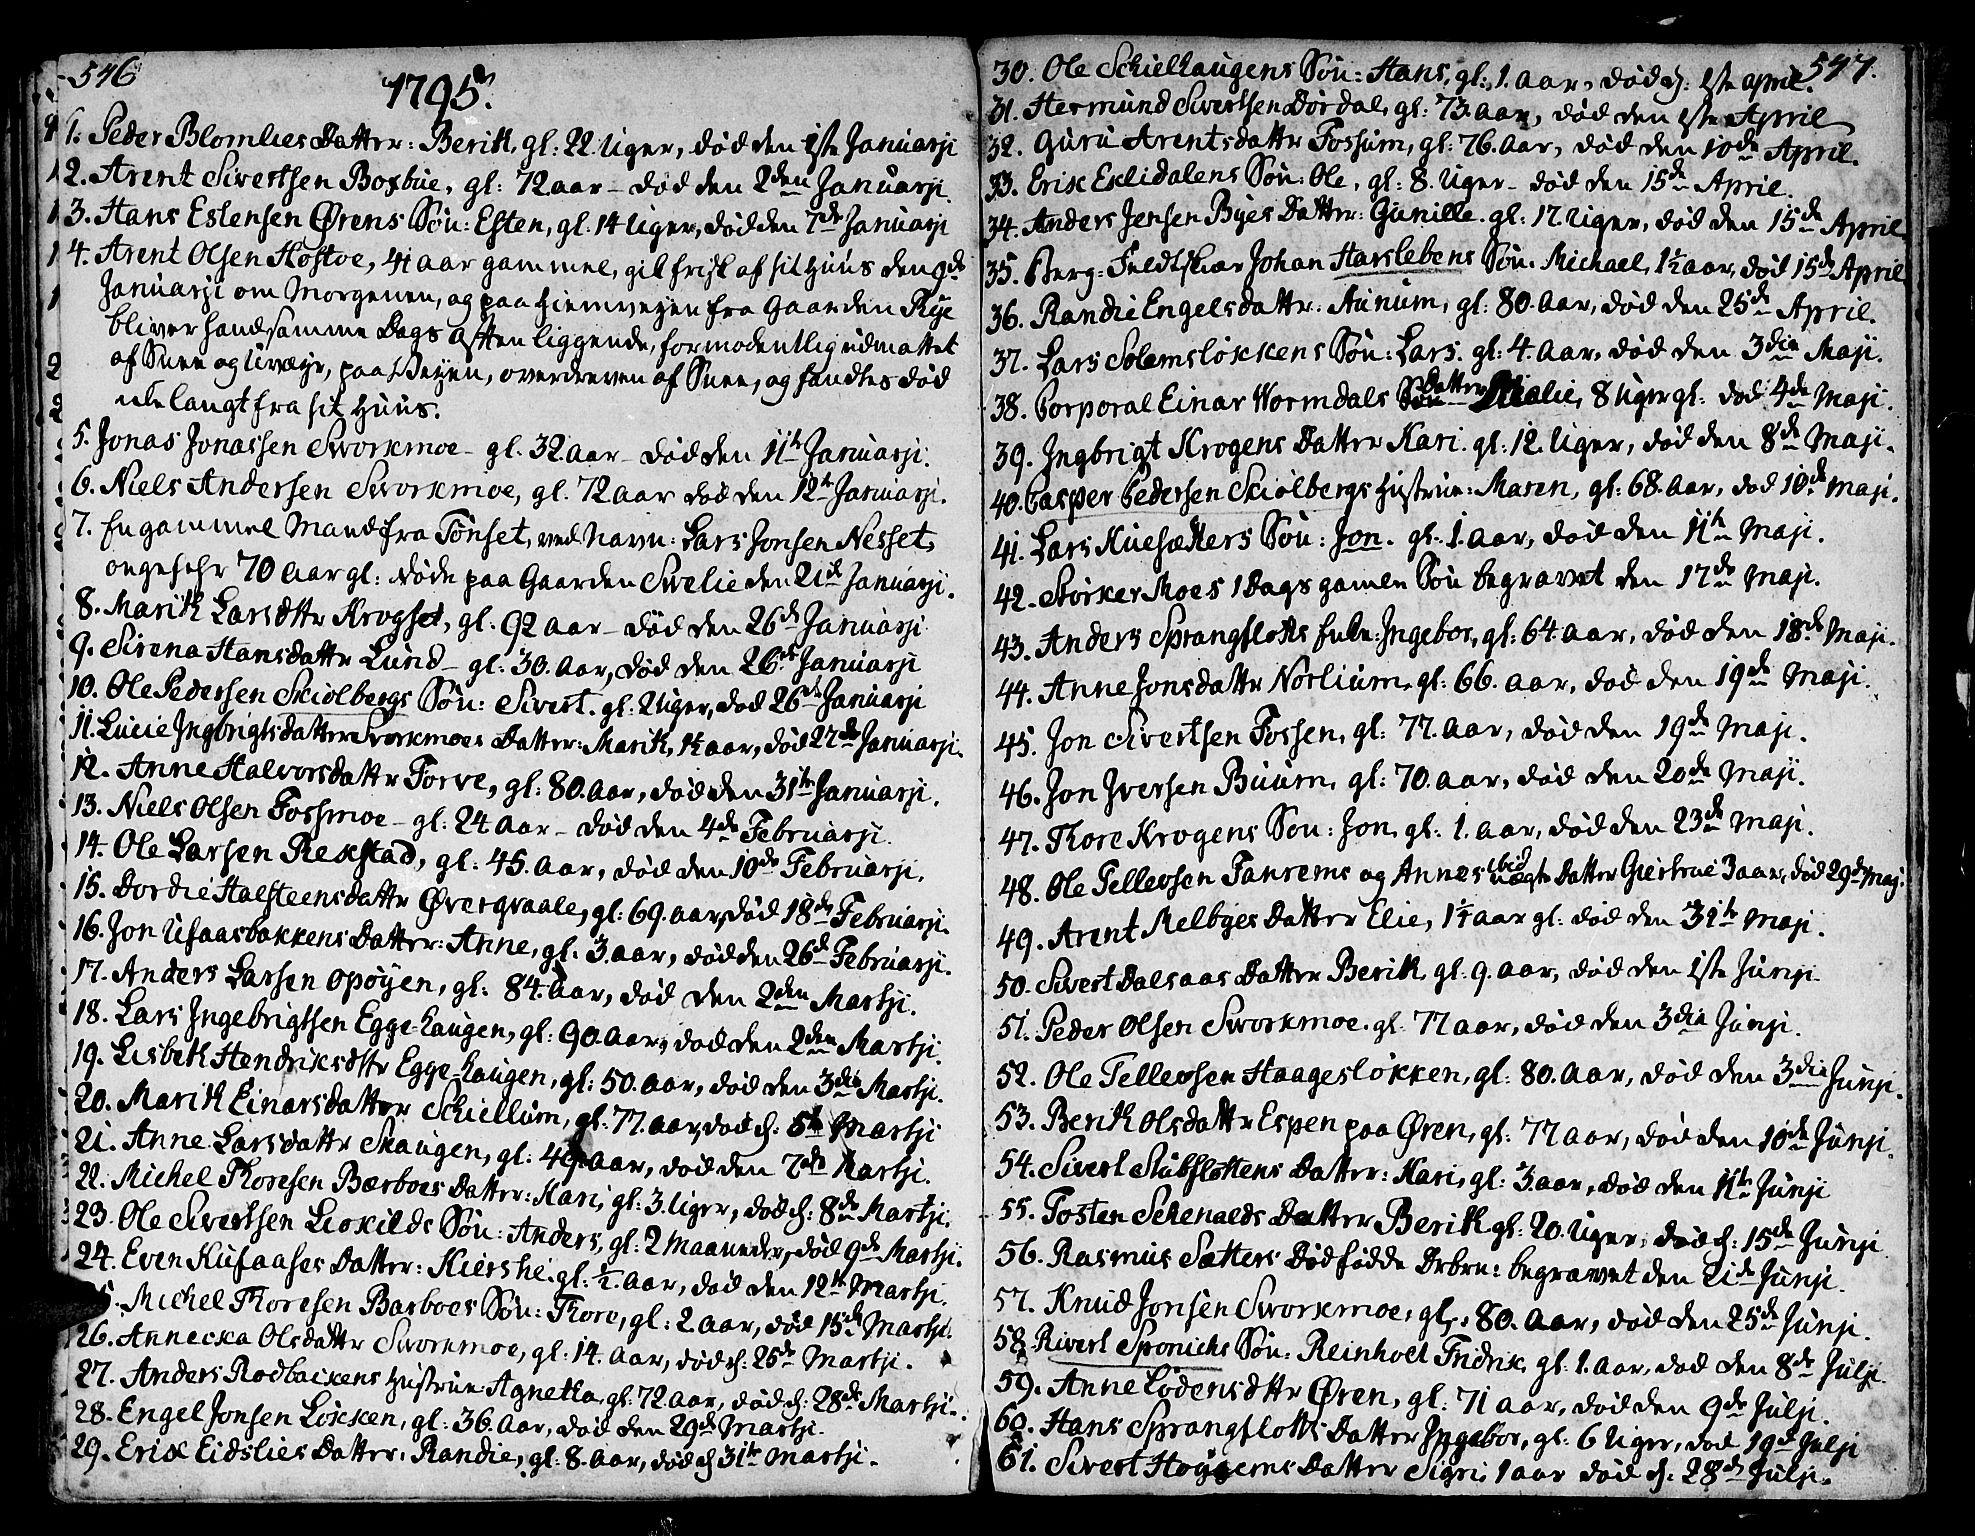 SAT, Ministerialprotokoller, klokkerbøker og fødselsregistre - Sør-Trøndelag, 668/L0802: Ministerialbok nr. 668A02, 1776-1799, s. 546-547